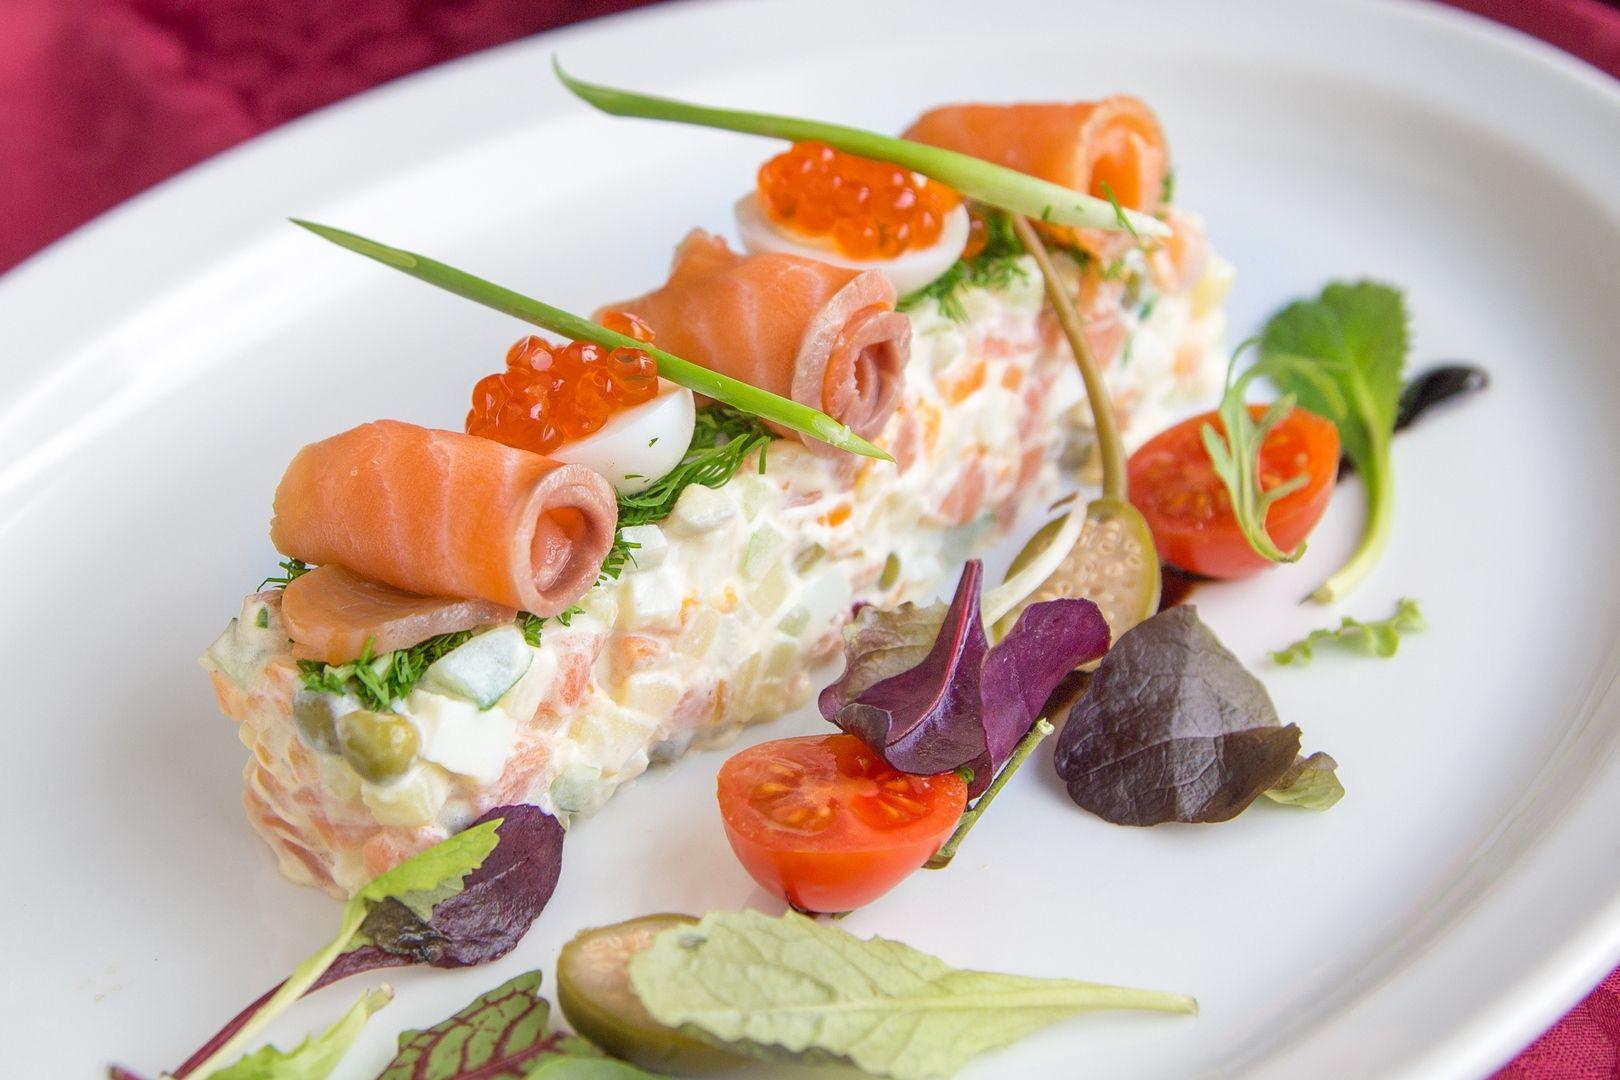 известные картинки салат оливье в ресторане может, уходит